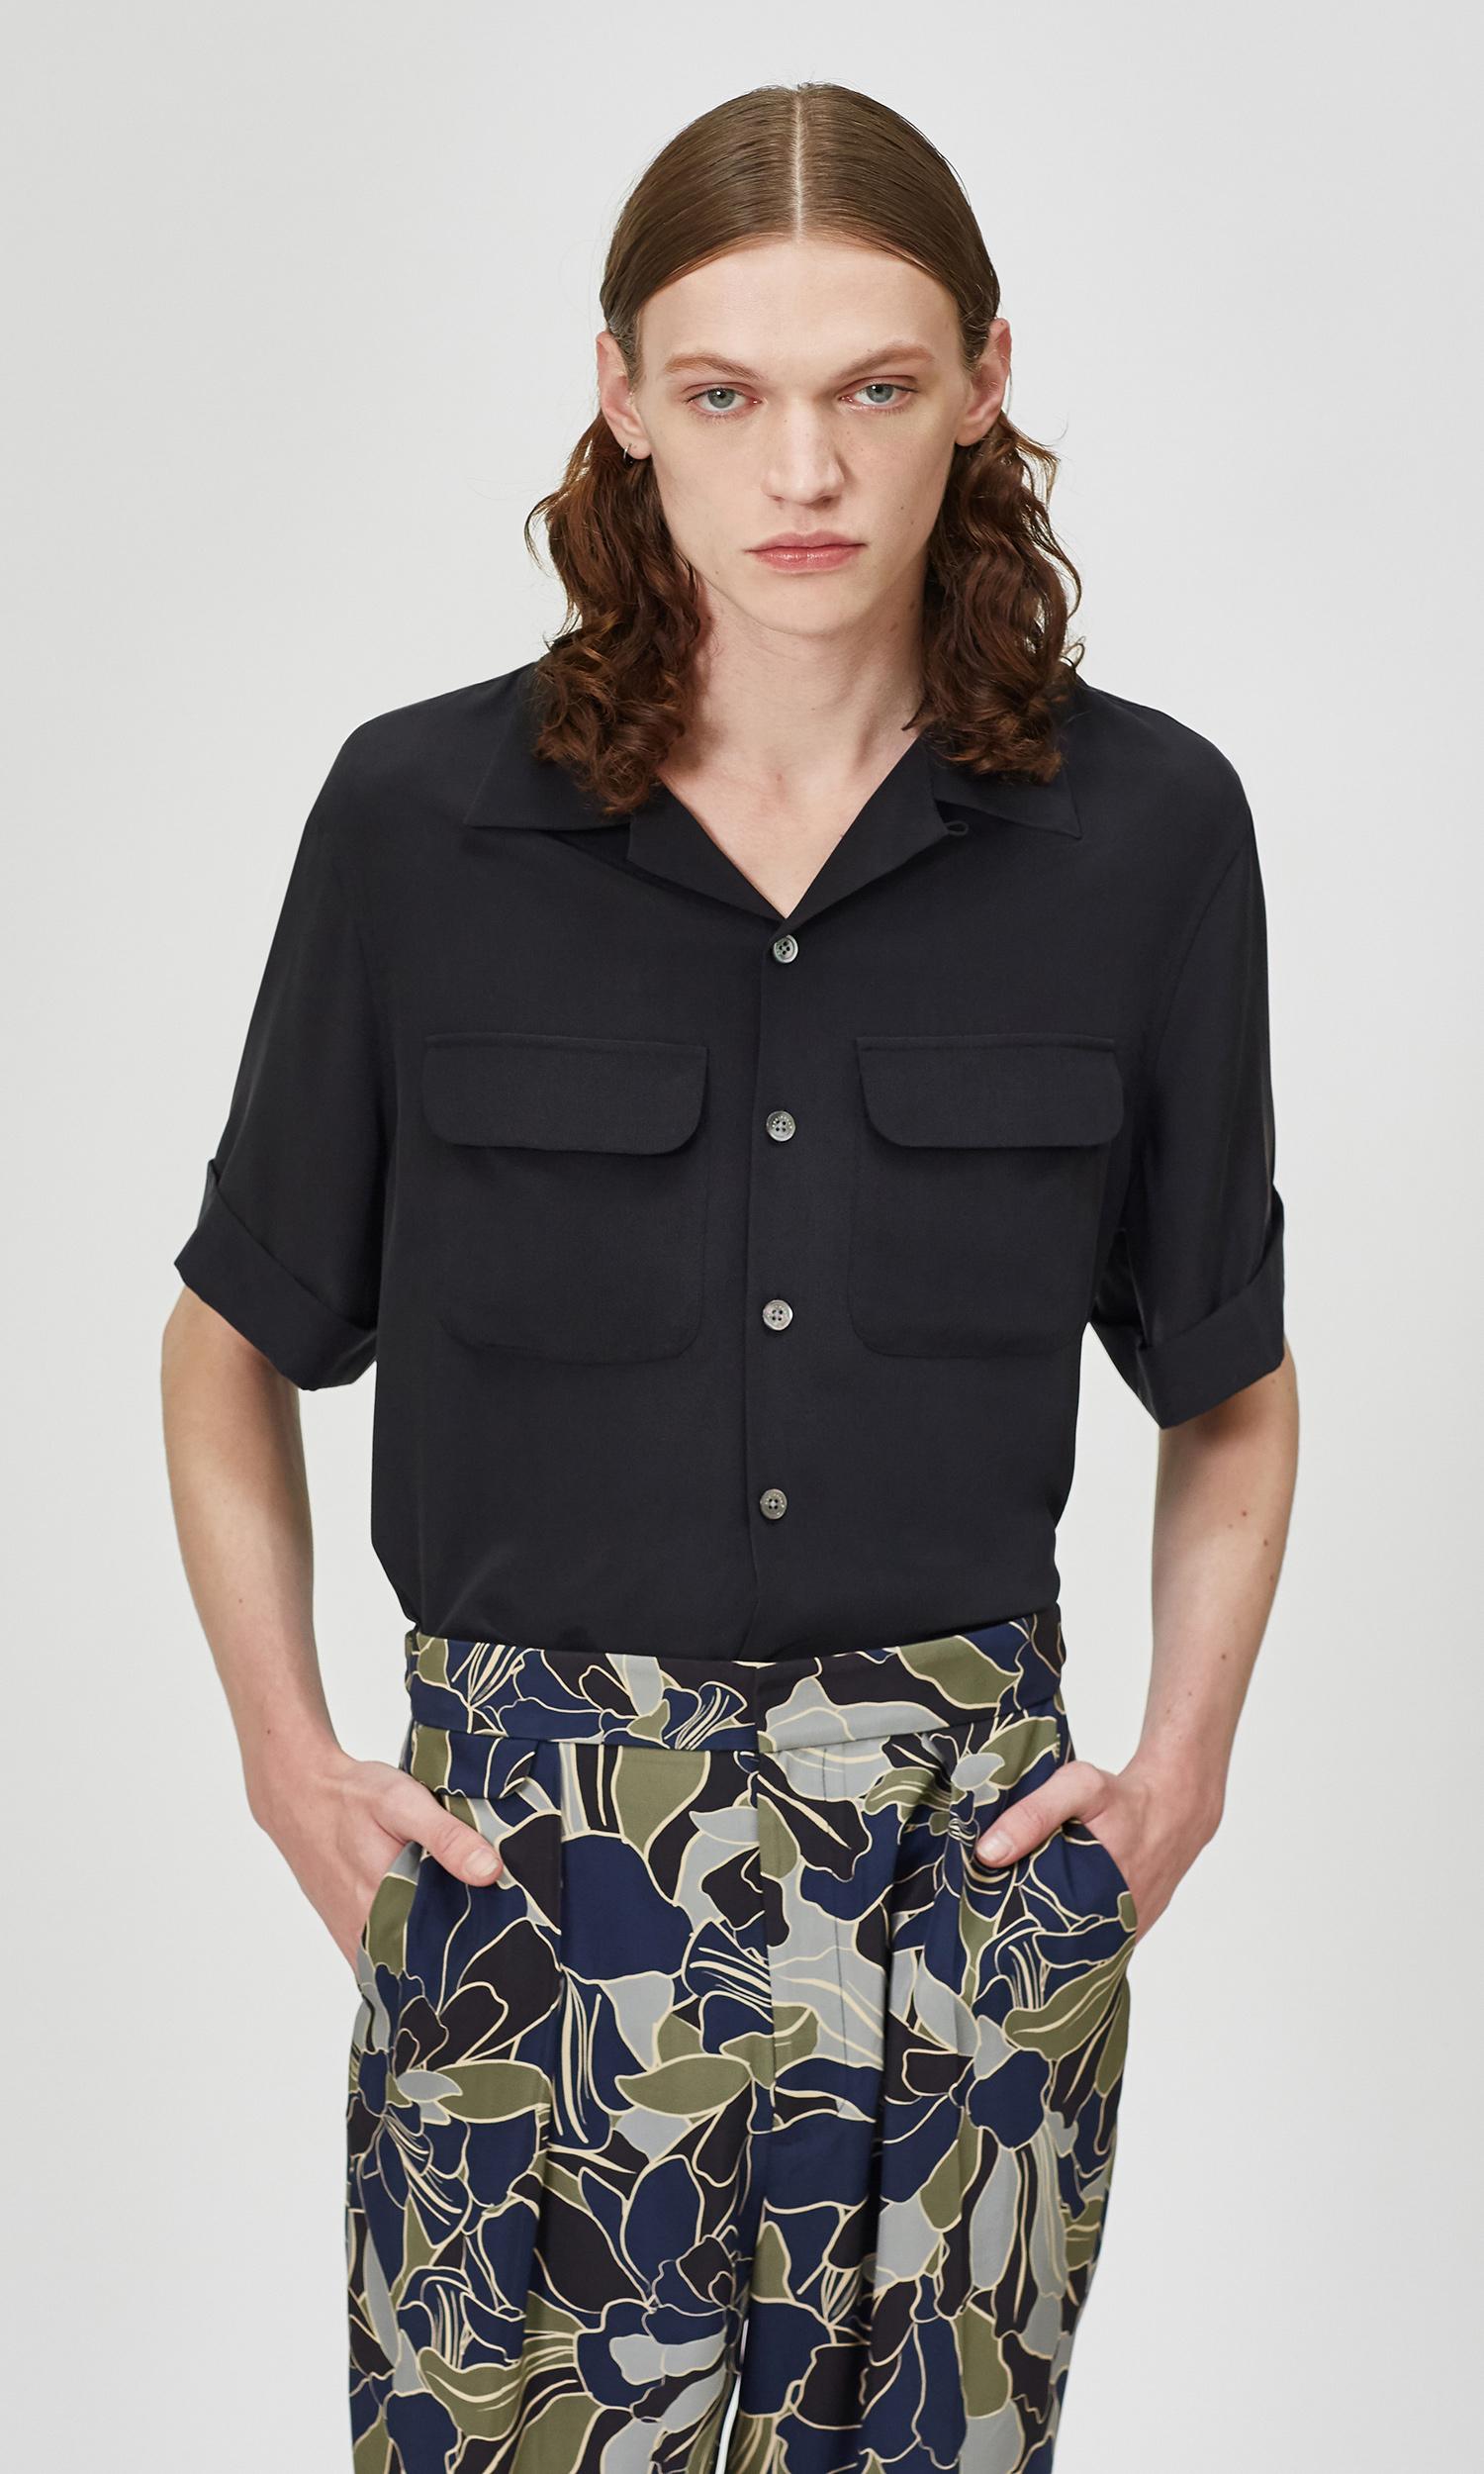 The Short Sleeve Original Silk Cuban Shirt by Equipment